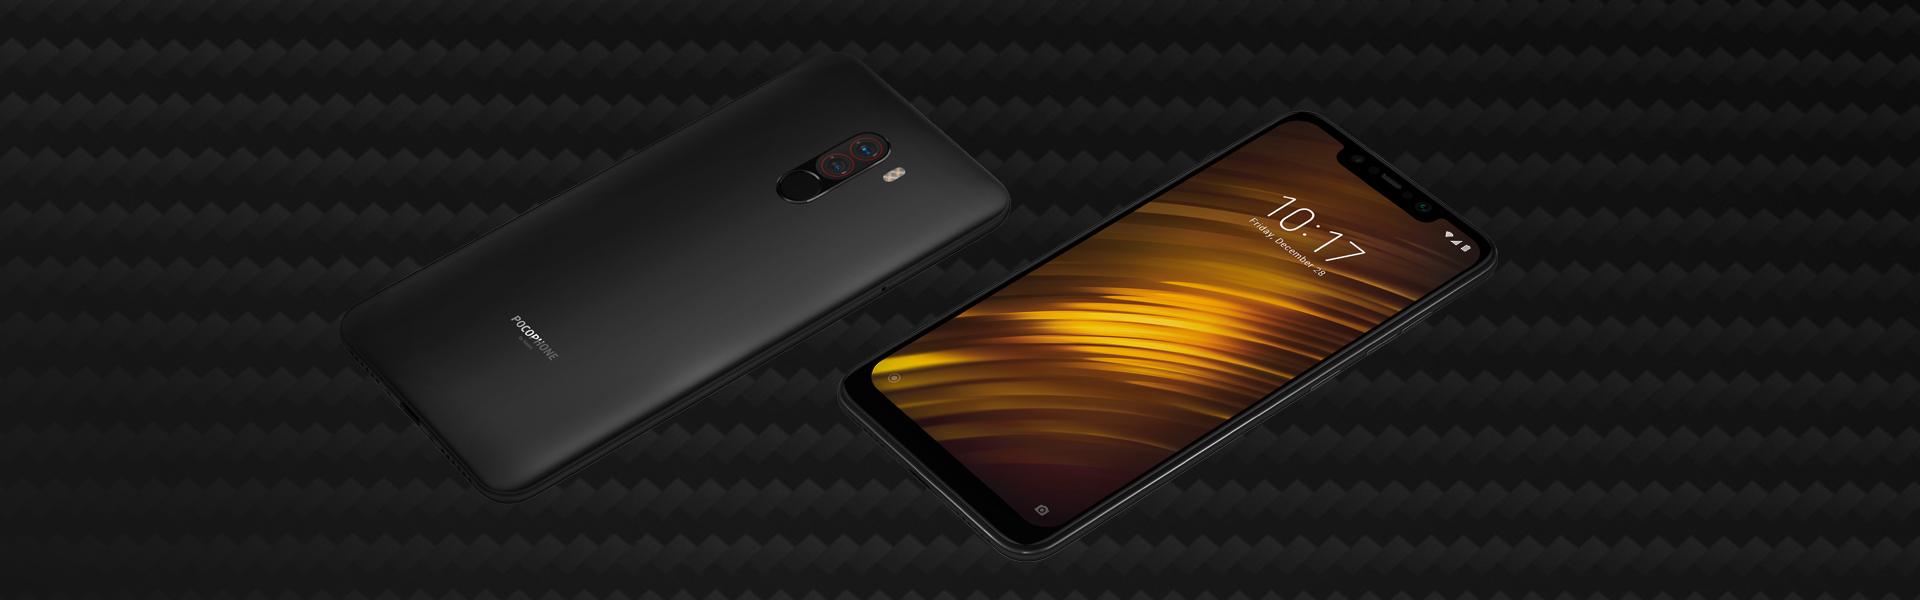 Xiaomi Poco F1 Resmi Meluncur, Ponsel Snapdragon 845 Termurah